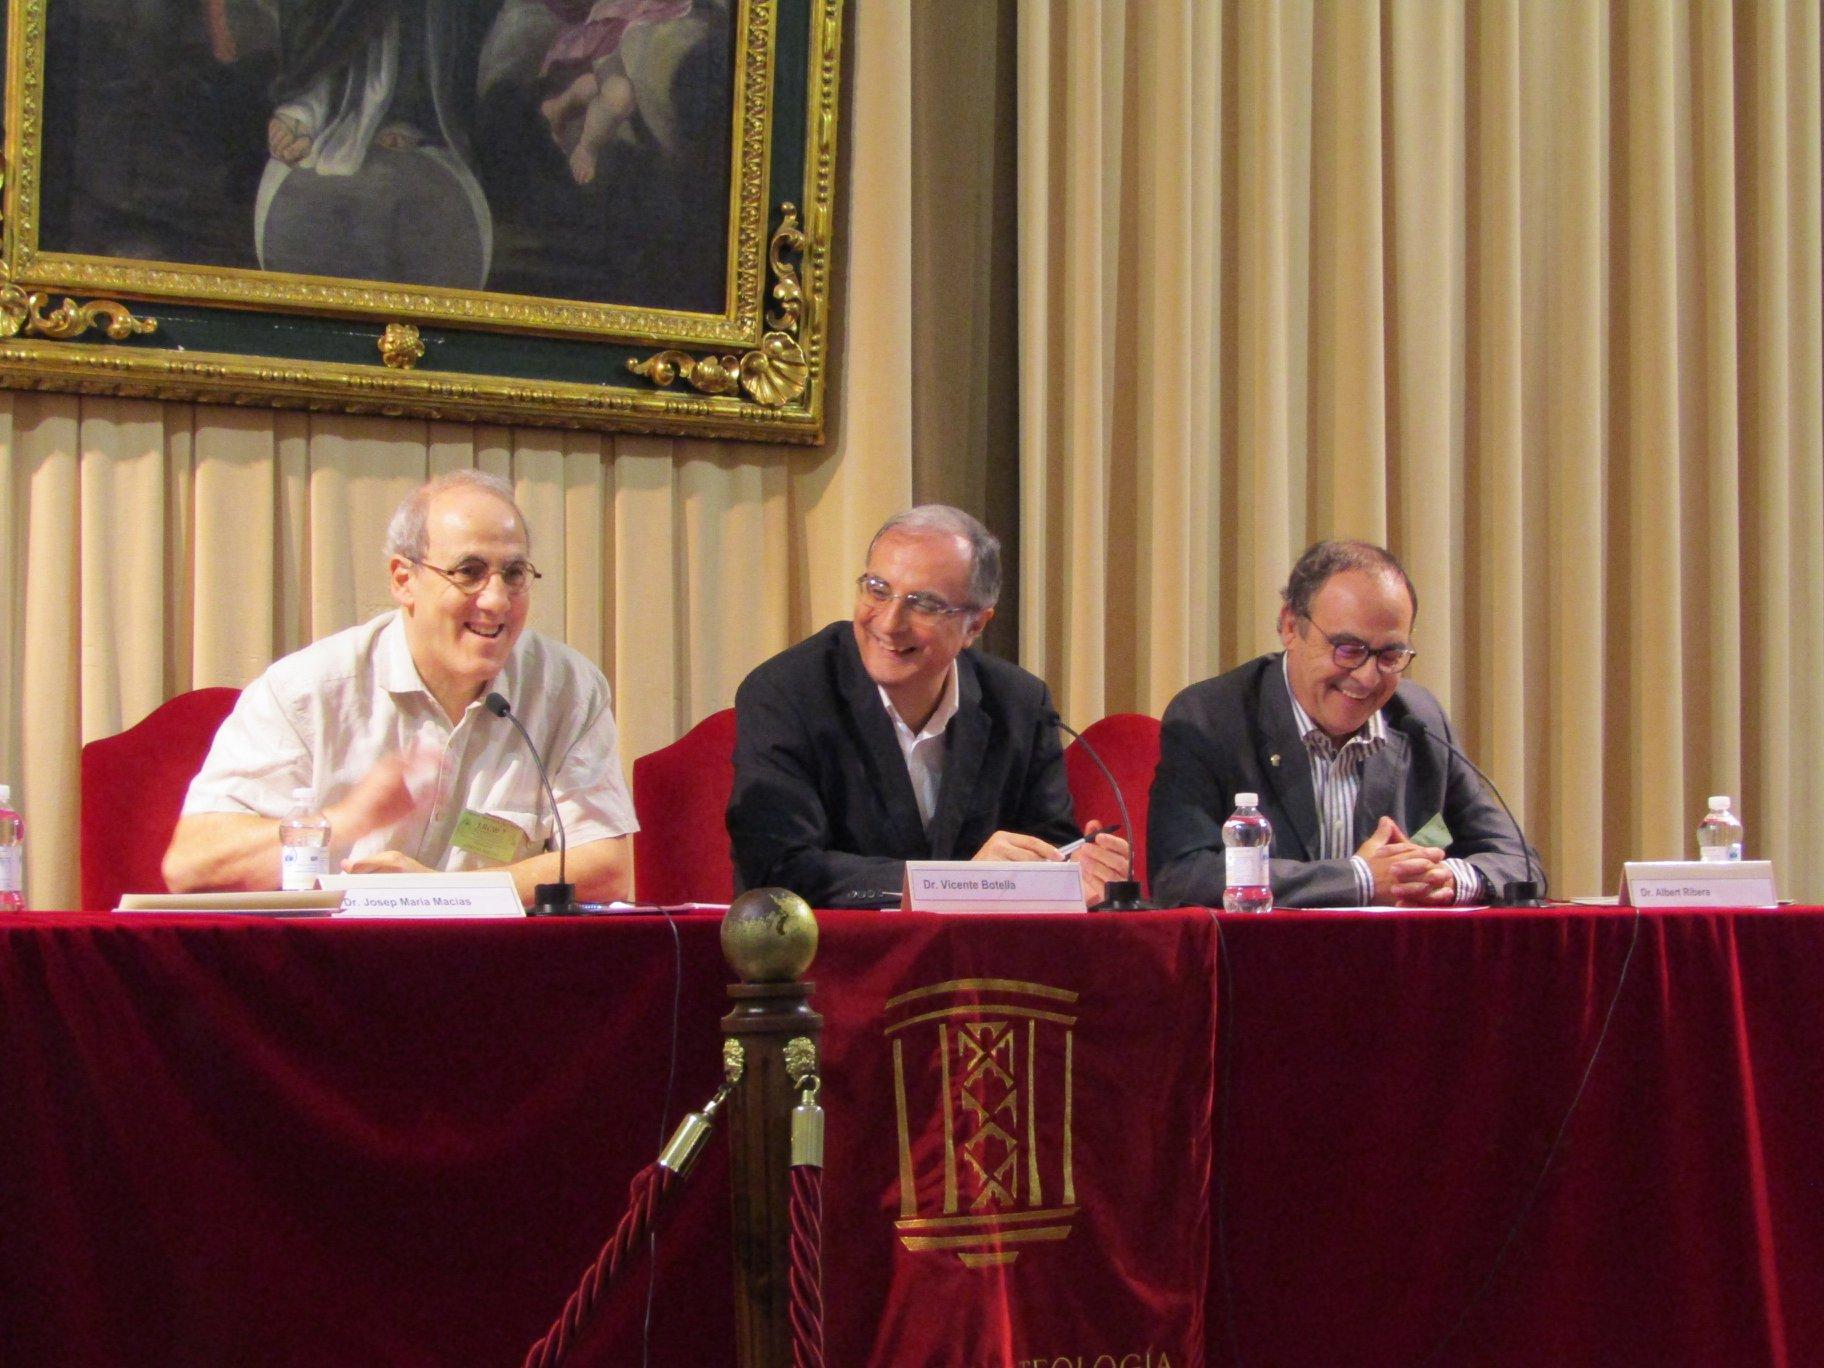 Josep Maria Macias,  Vicente Botella i Albert Rivera, en una de les sessions del congrés (Foto cedida: Facultat de Teologia de València)